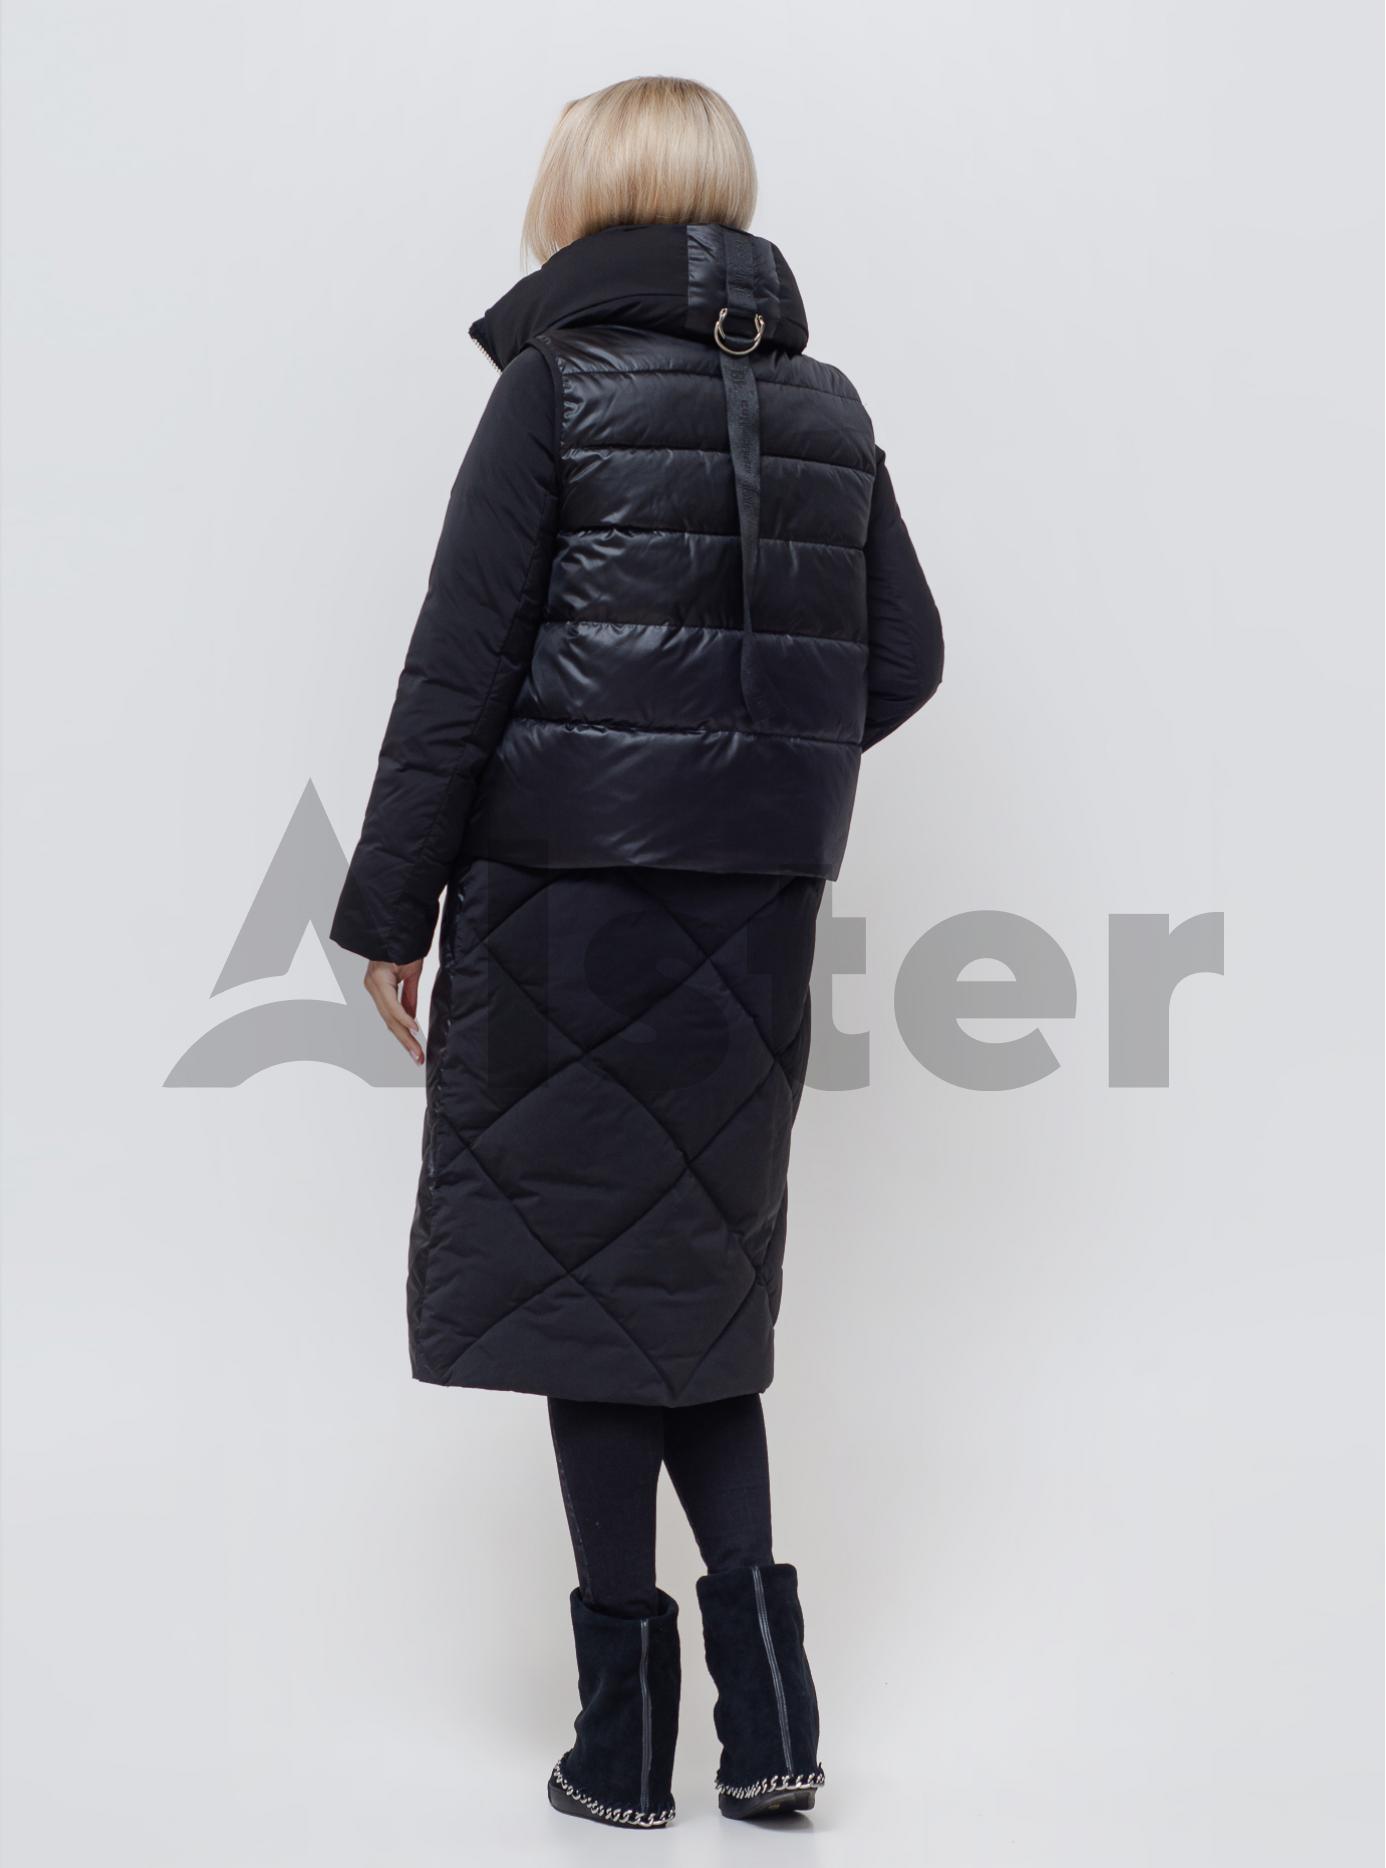 Куртка зимняя длинная с жилетом Чёрный 48 (01-N200171): фото - Alster.ua